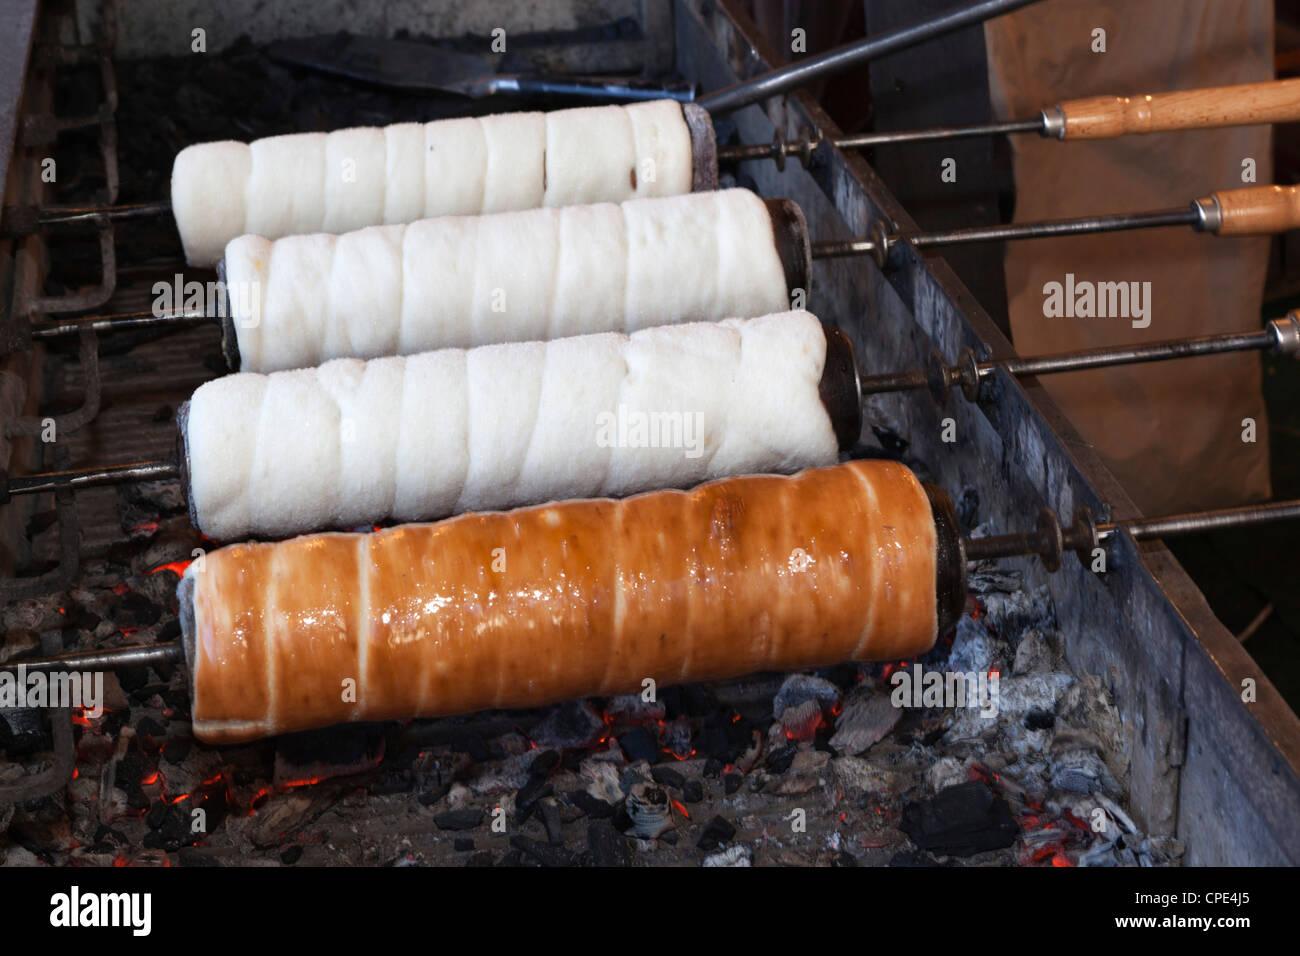 Kurtoskalacs (chimney cake) (stove cake) cooking over coals, Budapest, Hungary, Europe - Stock Image